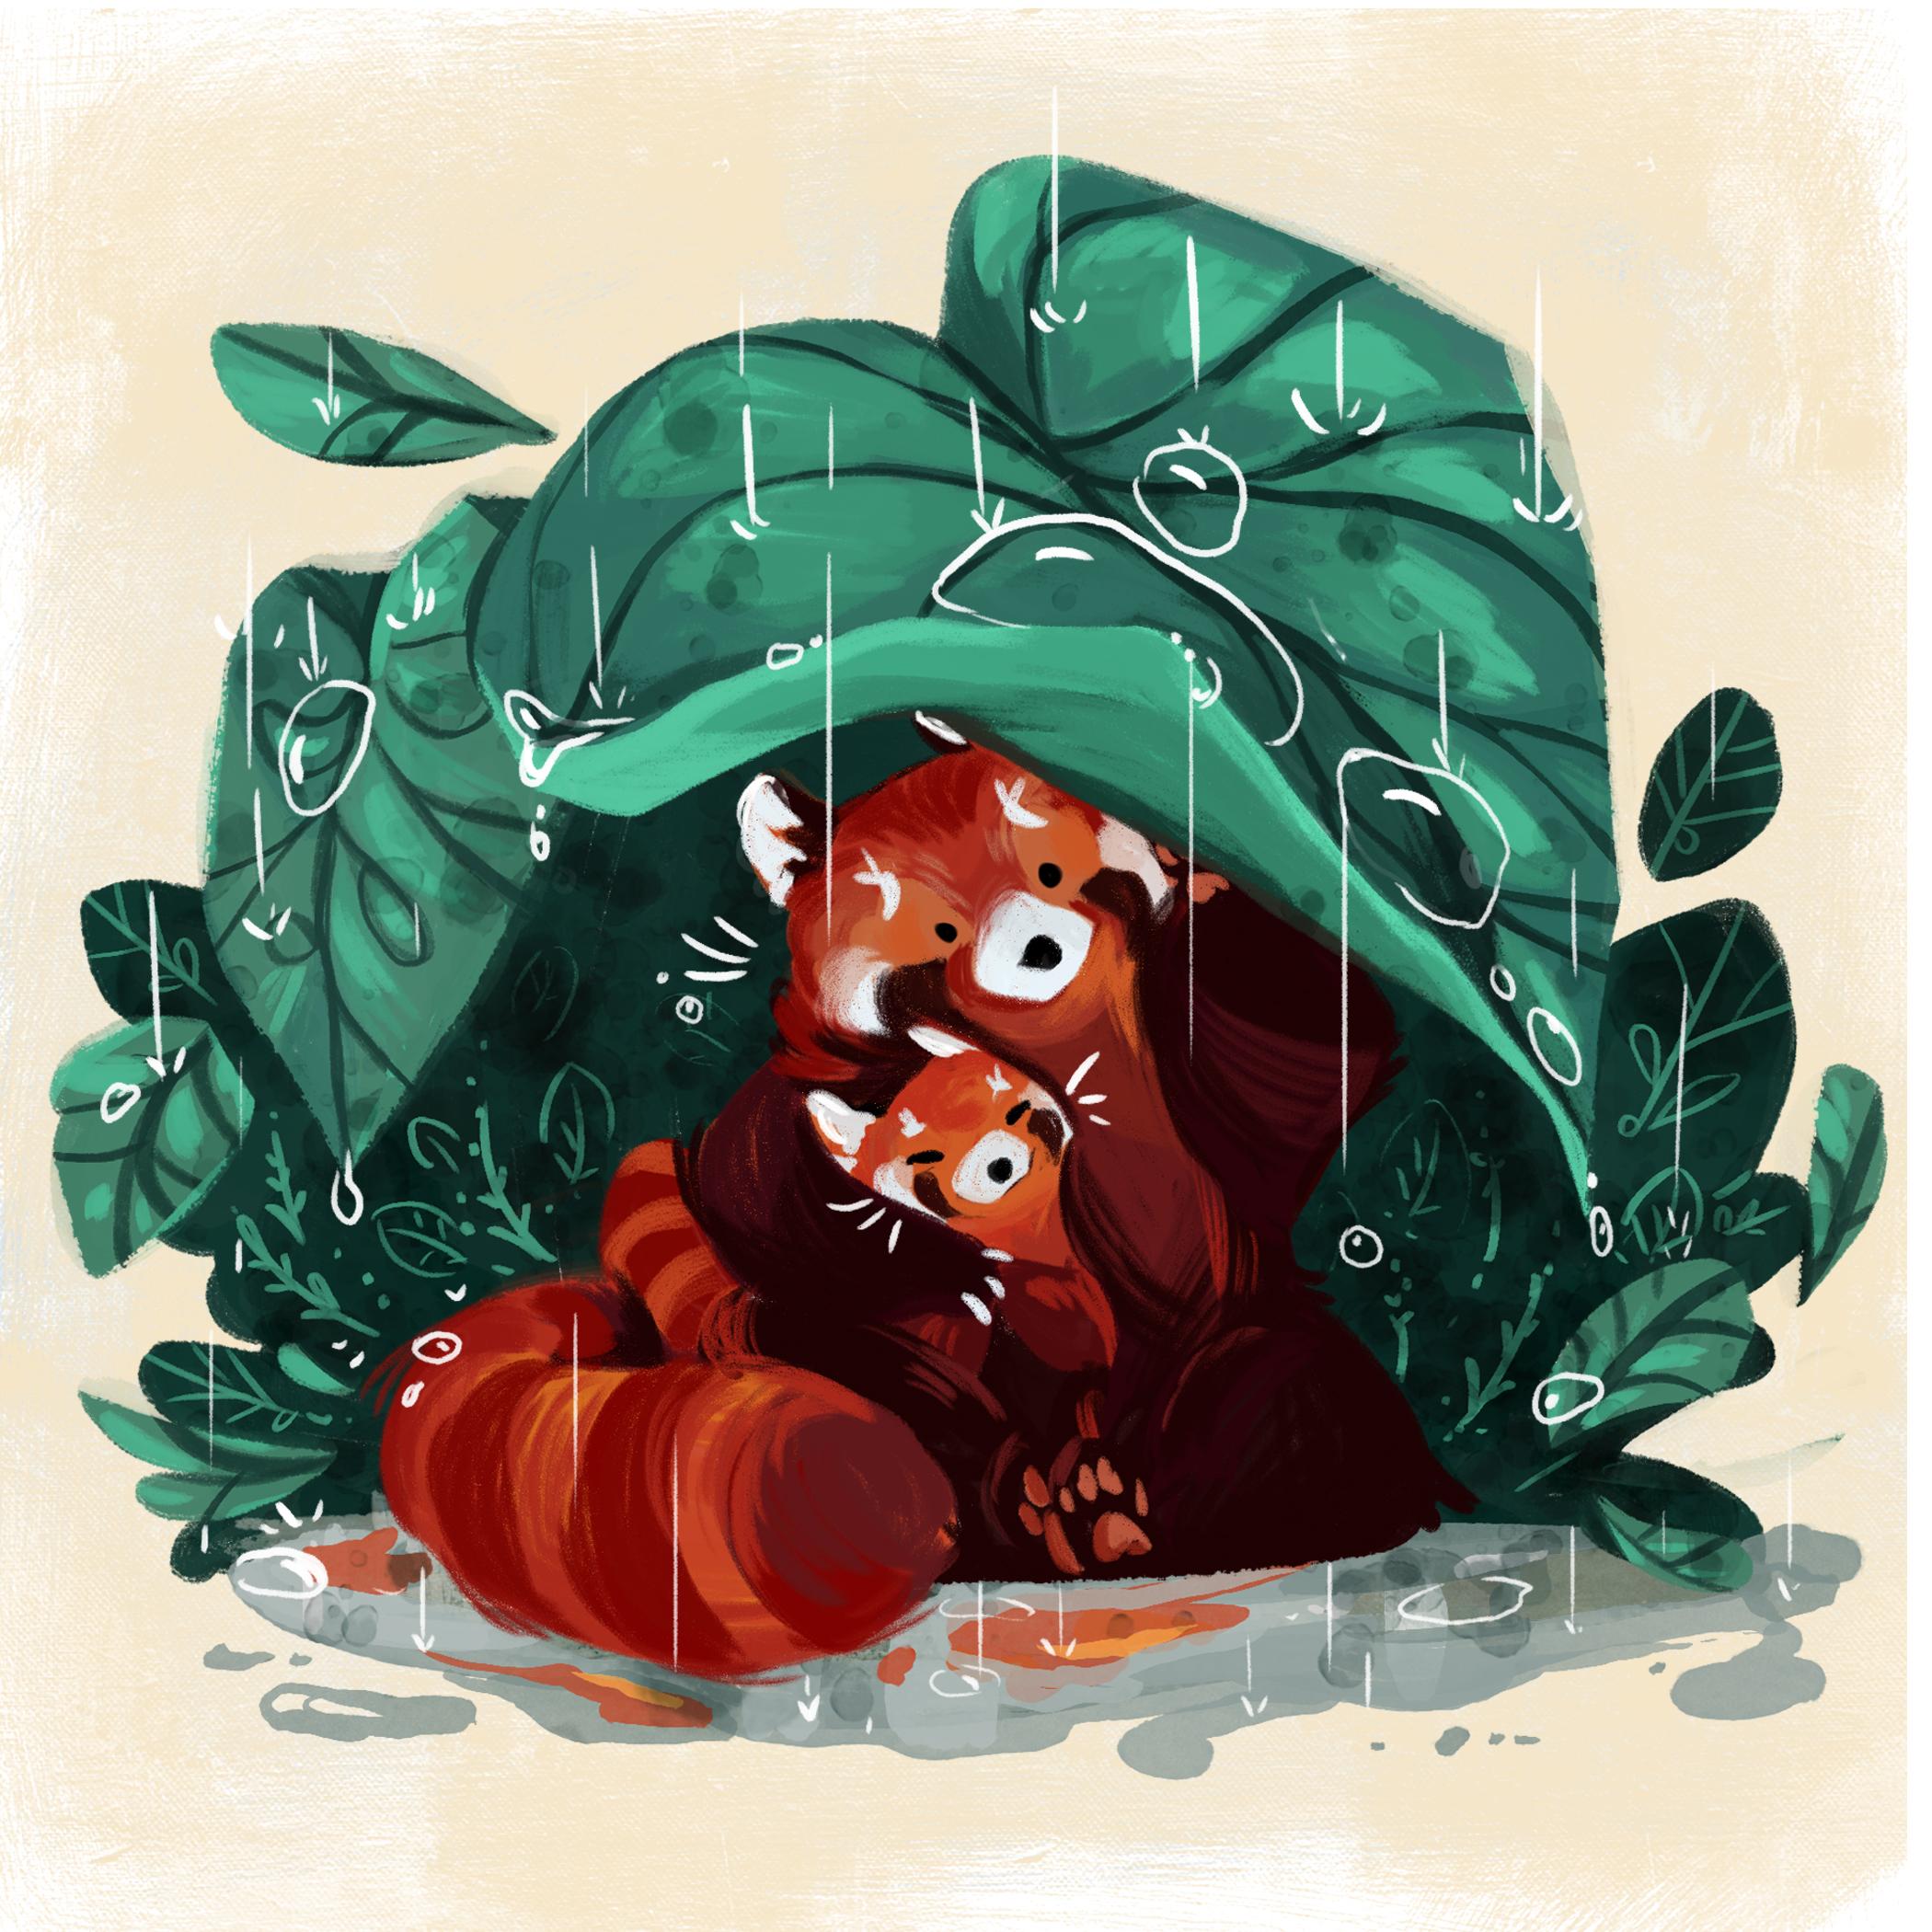 Red Panda Design